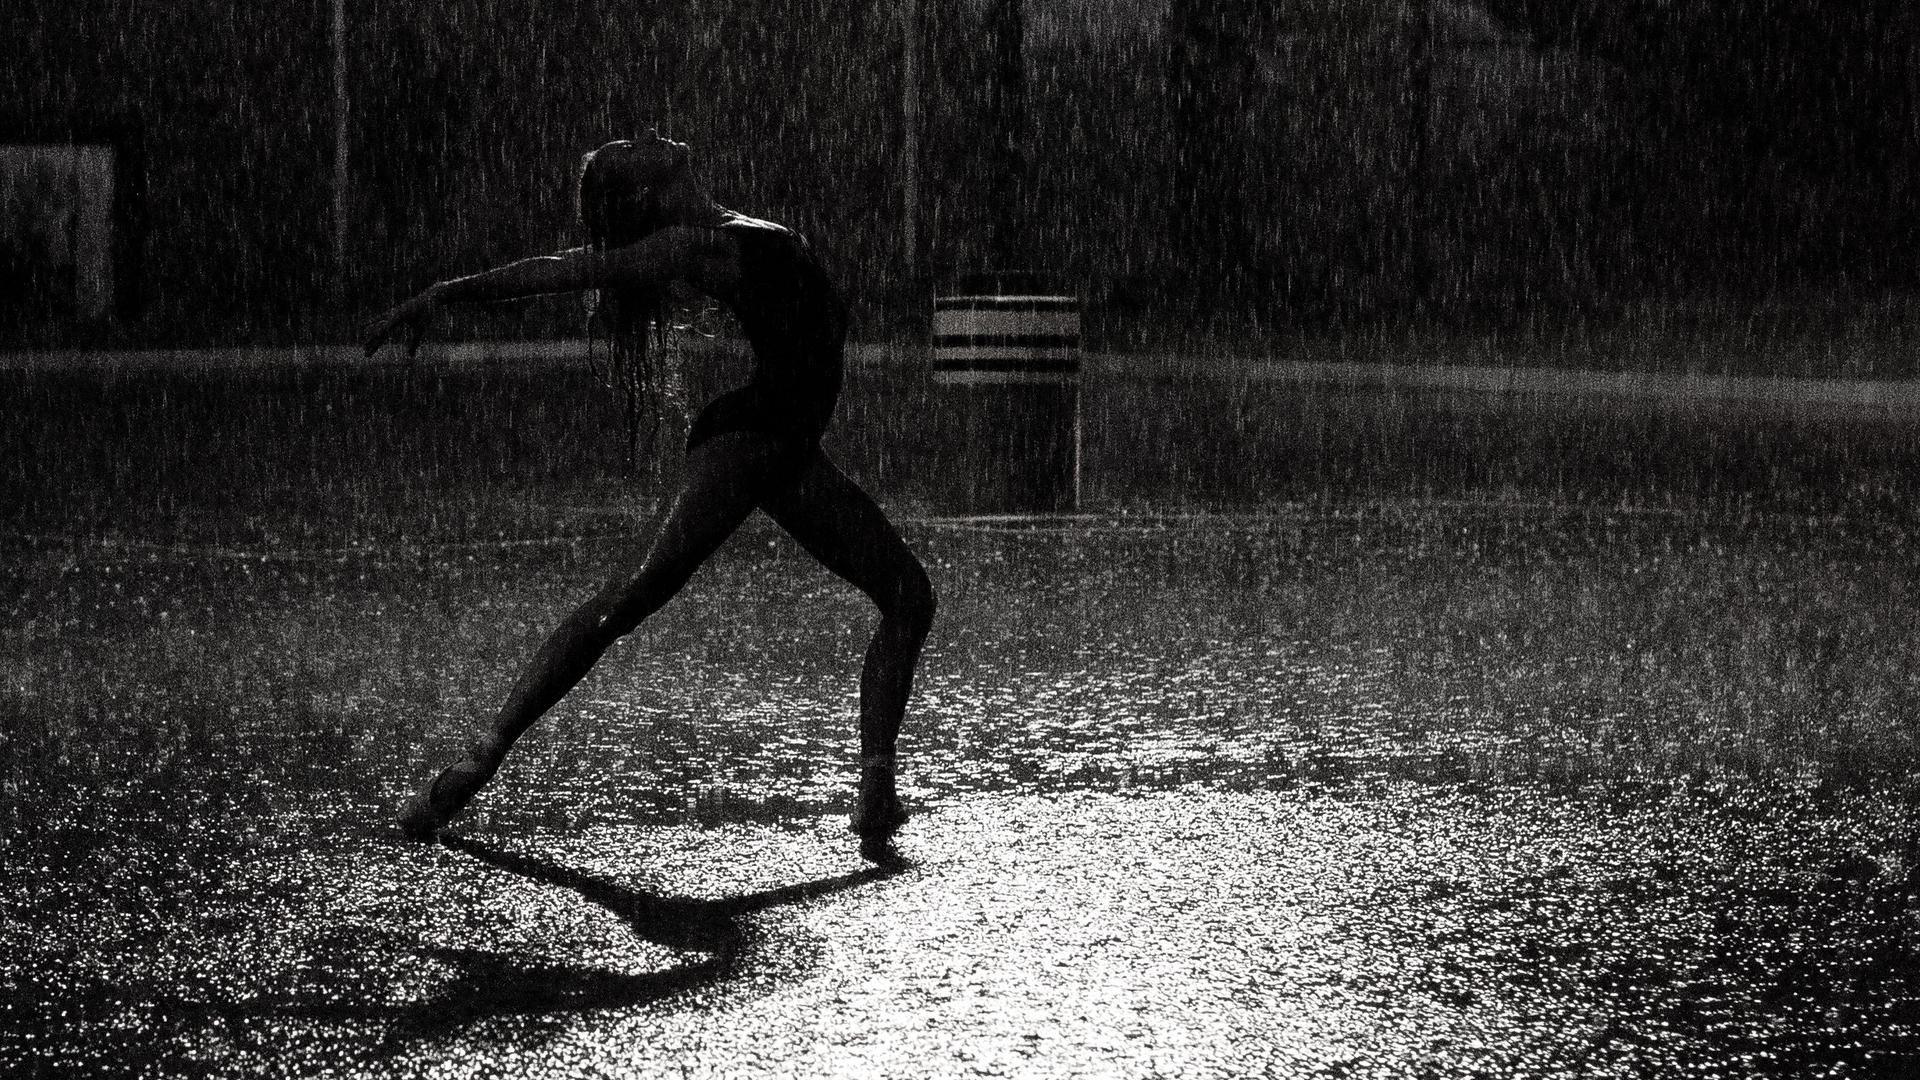 rain dream meaning, dream about rain, rain dream interpretation, seeing in a dream rain